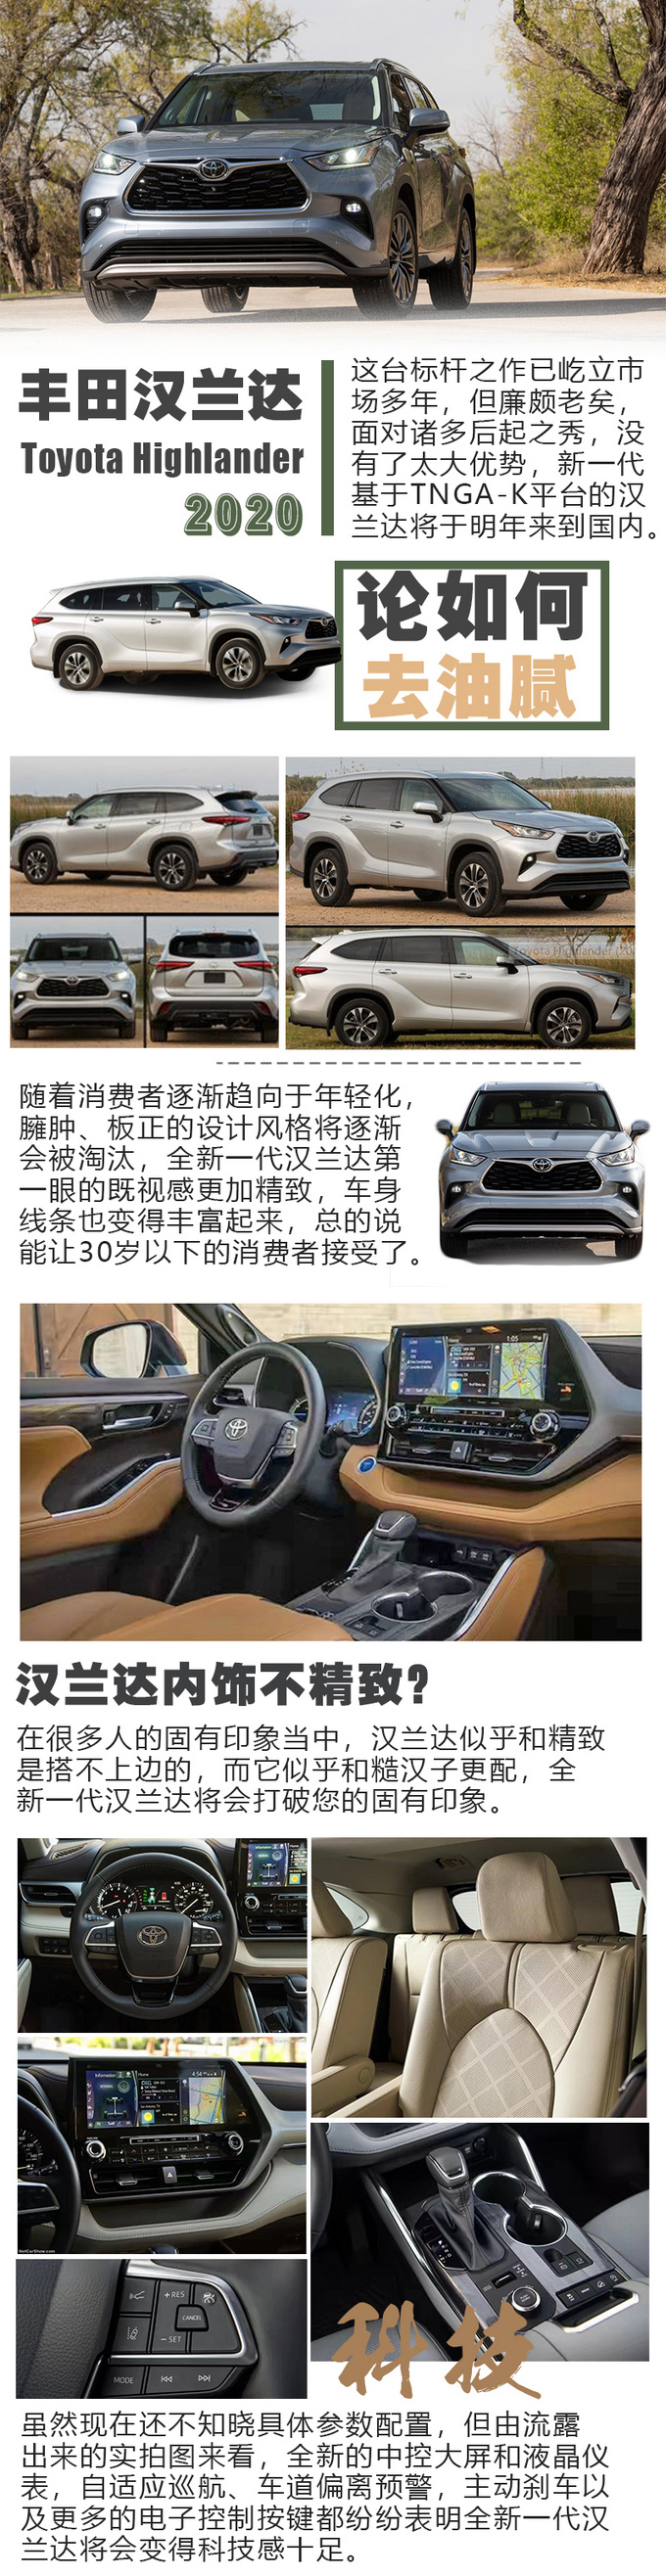 2020年想换新车买这几款SUV准靠谱-图5